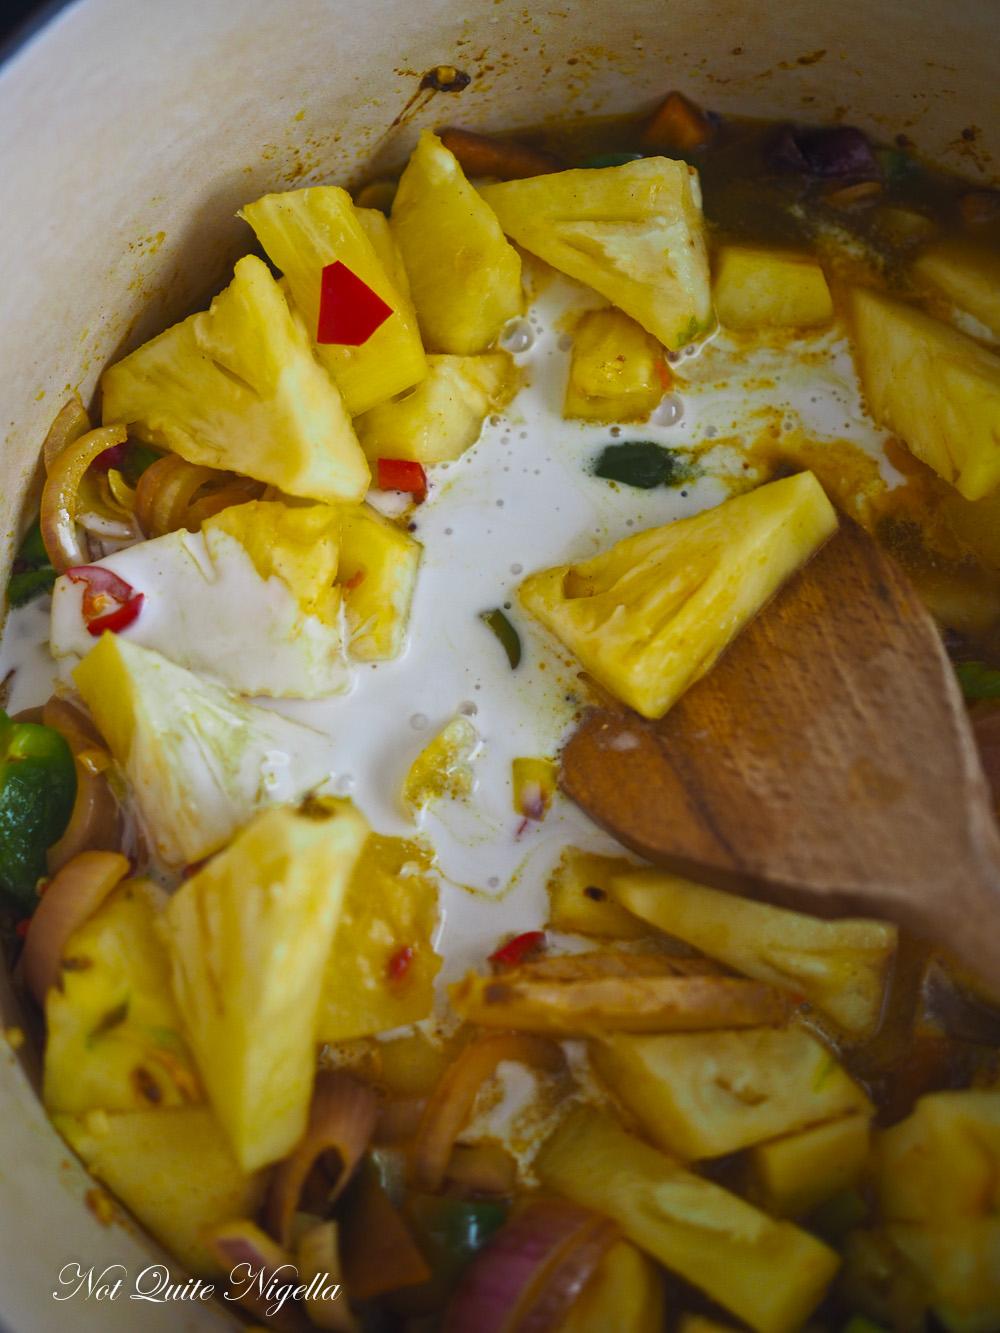 Pineapple Curry Sri Lankan